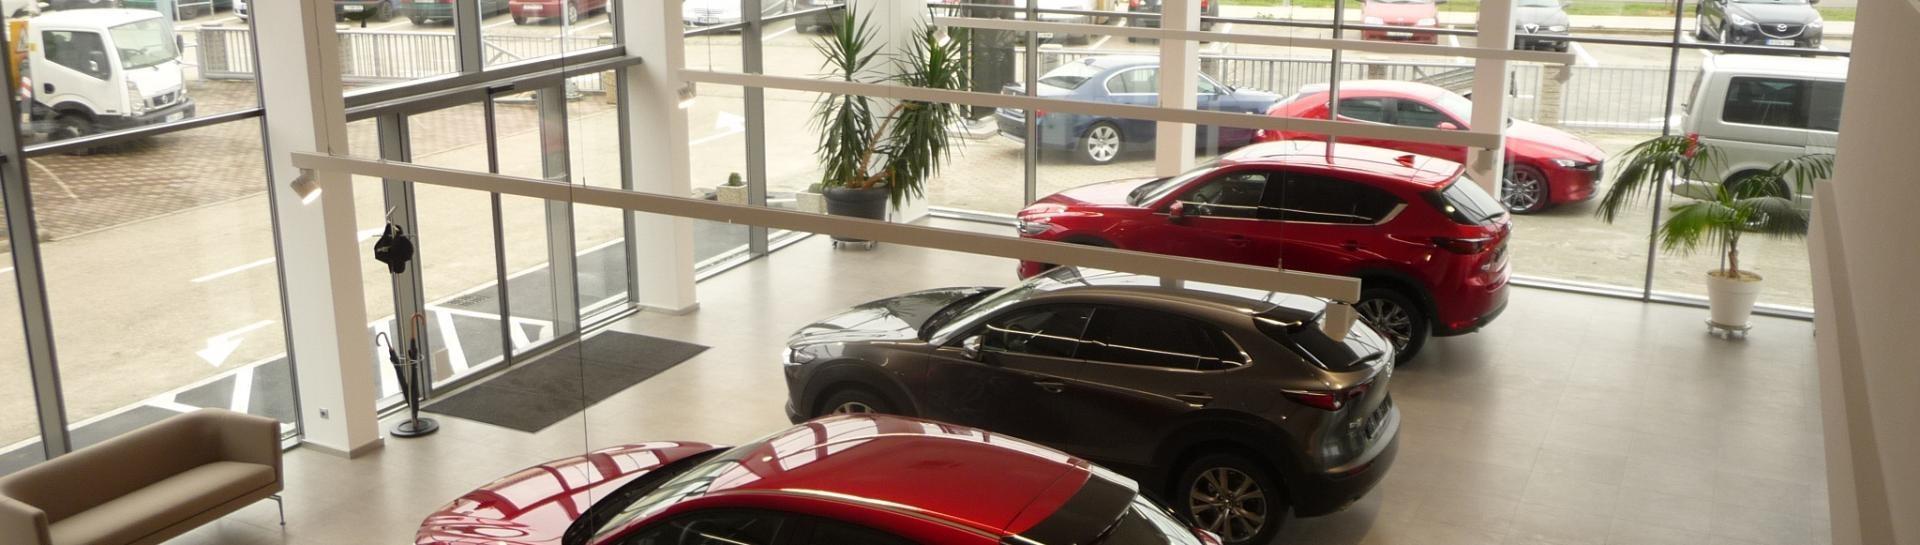 autókereskedelem hivatalos honlapja)